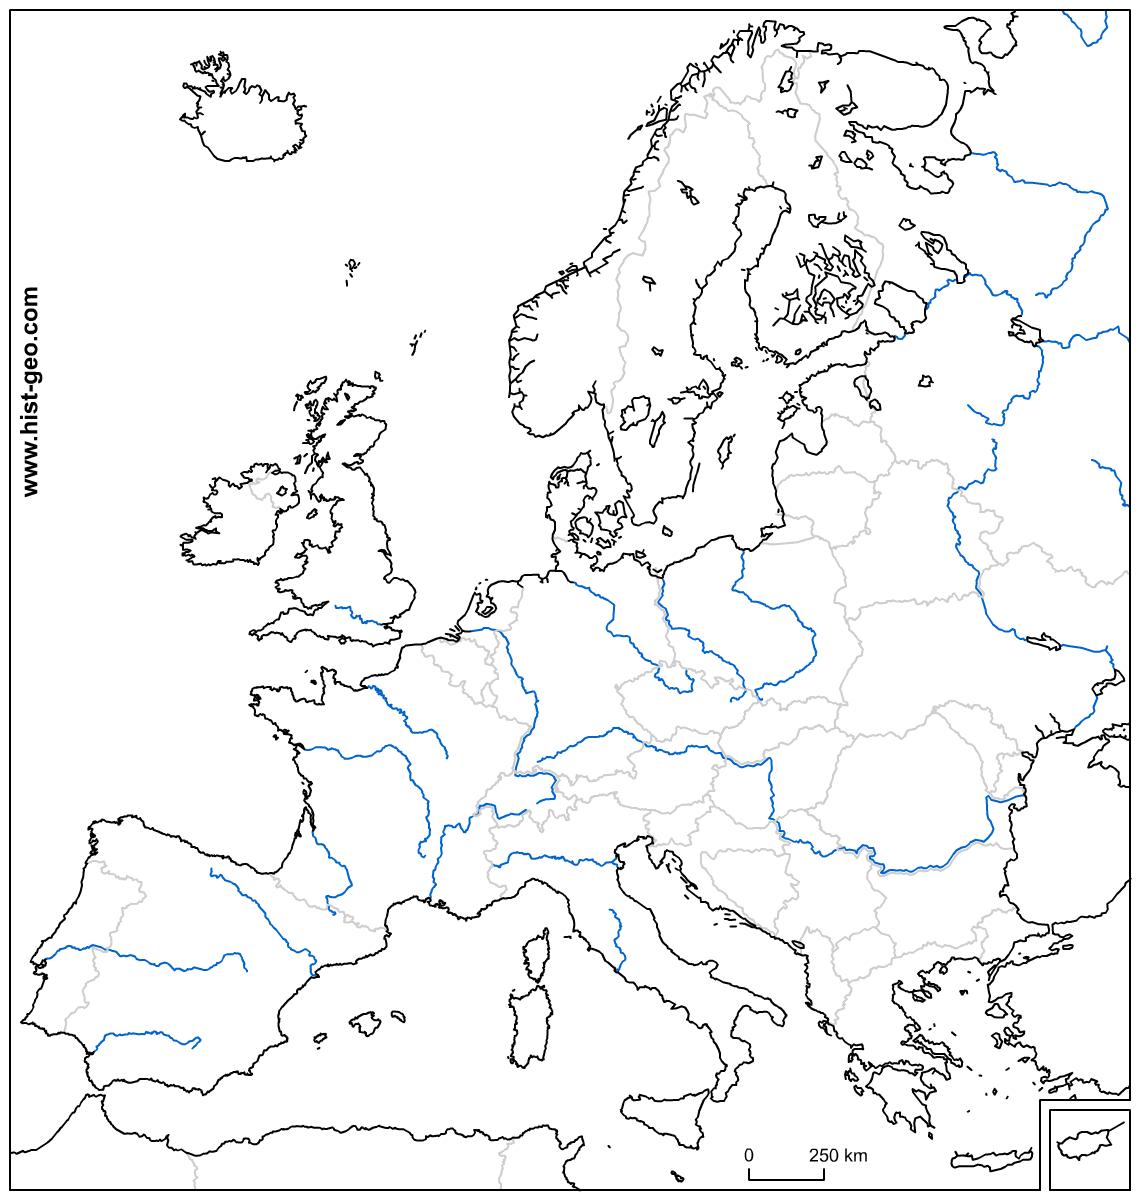 Carte Vierge Sur Les Pays Et Les Fleuves D'europe encequiconcerne Carte Pays D Europe